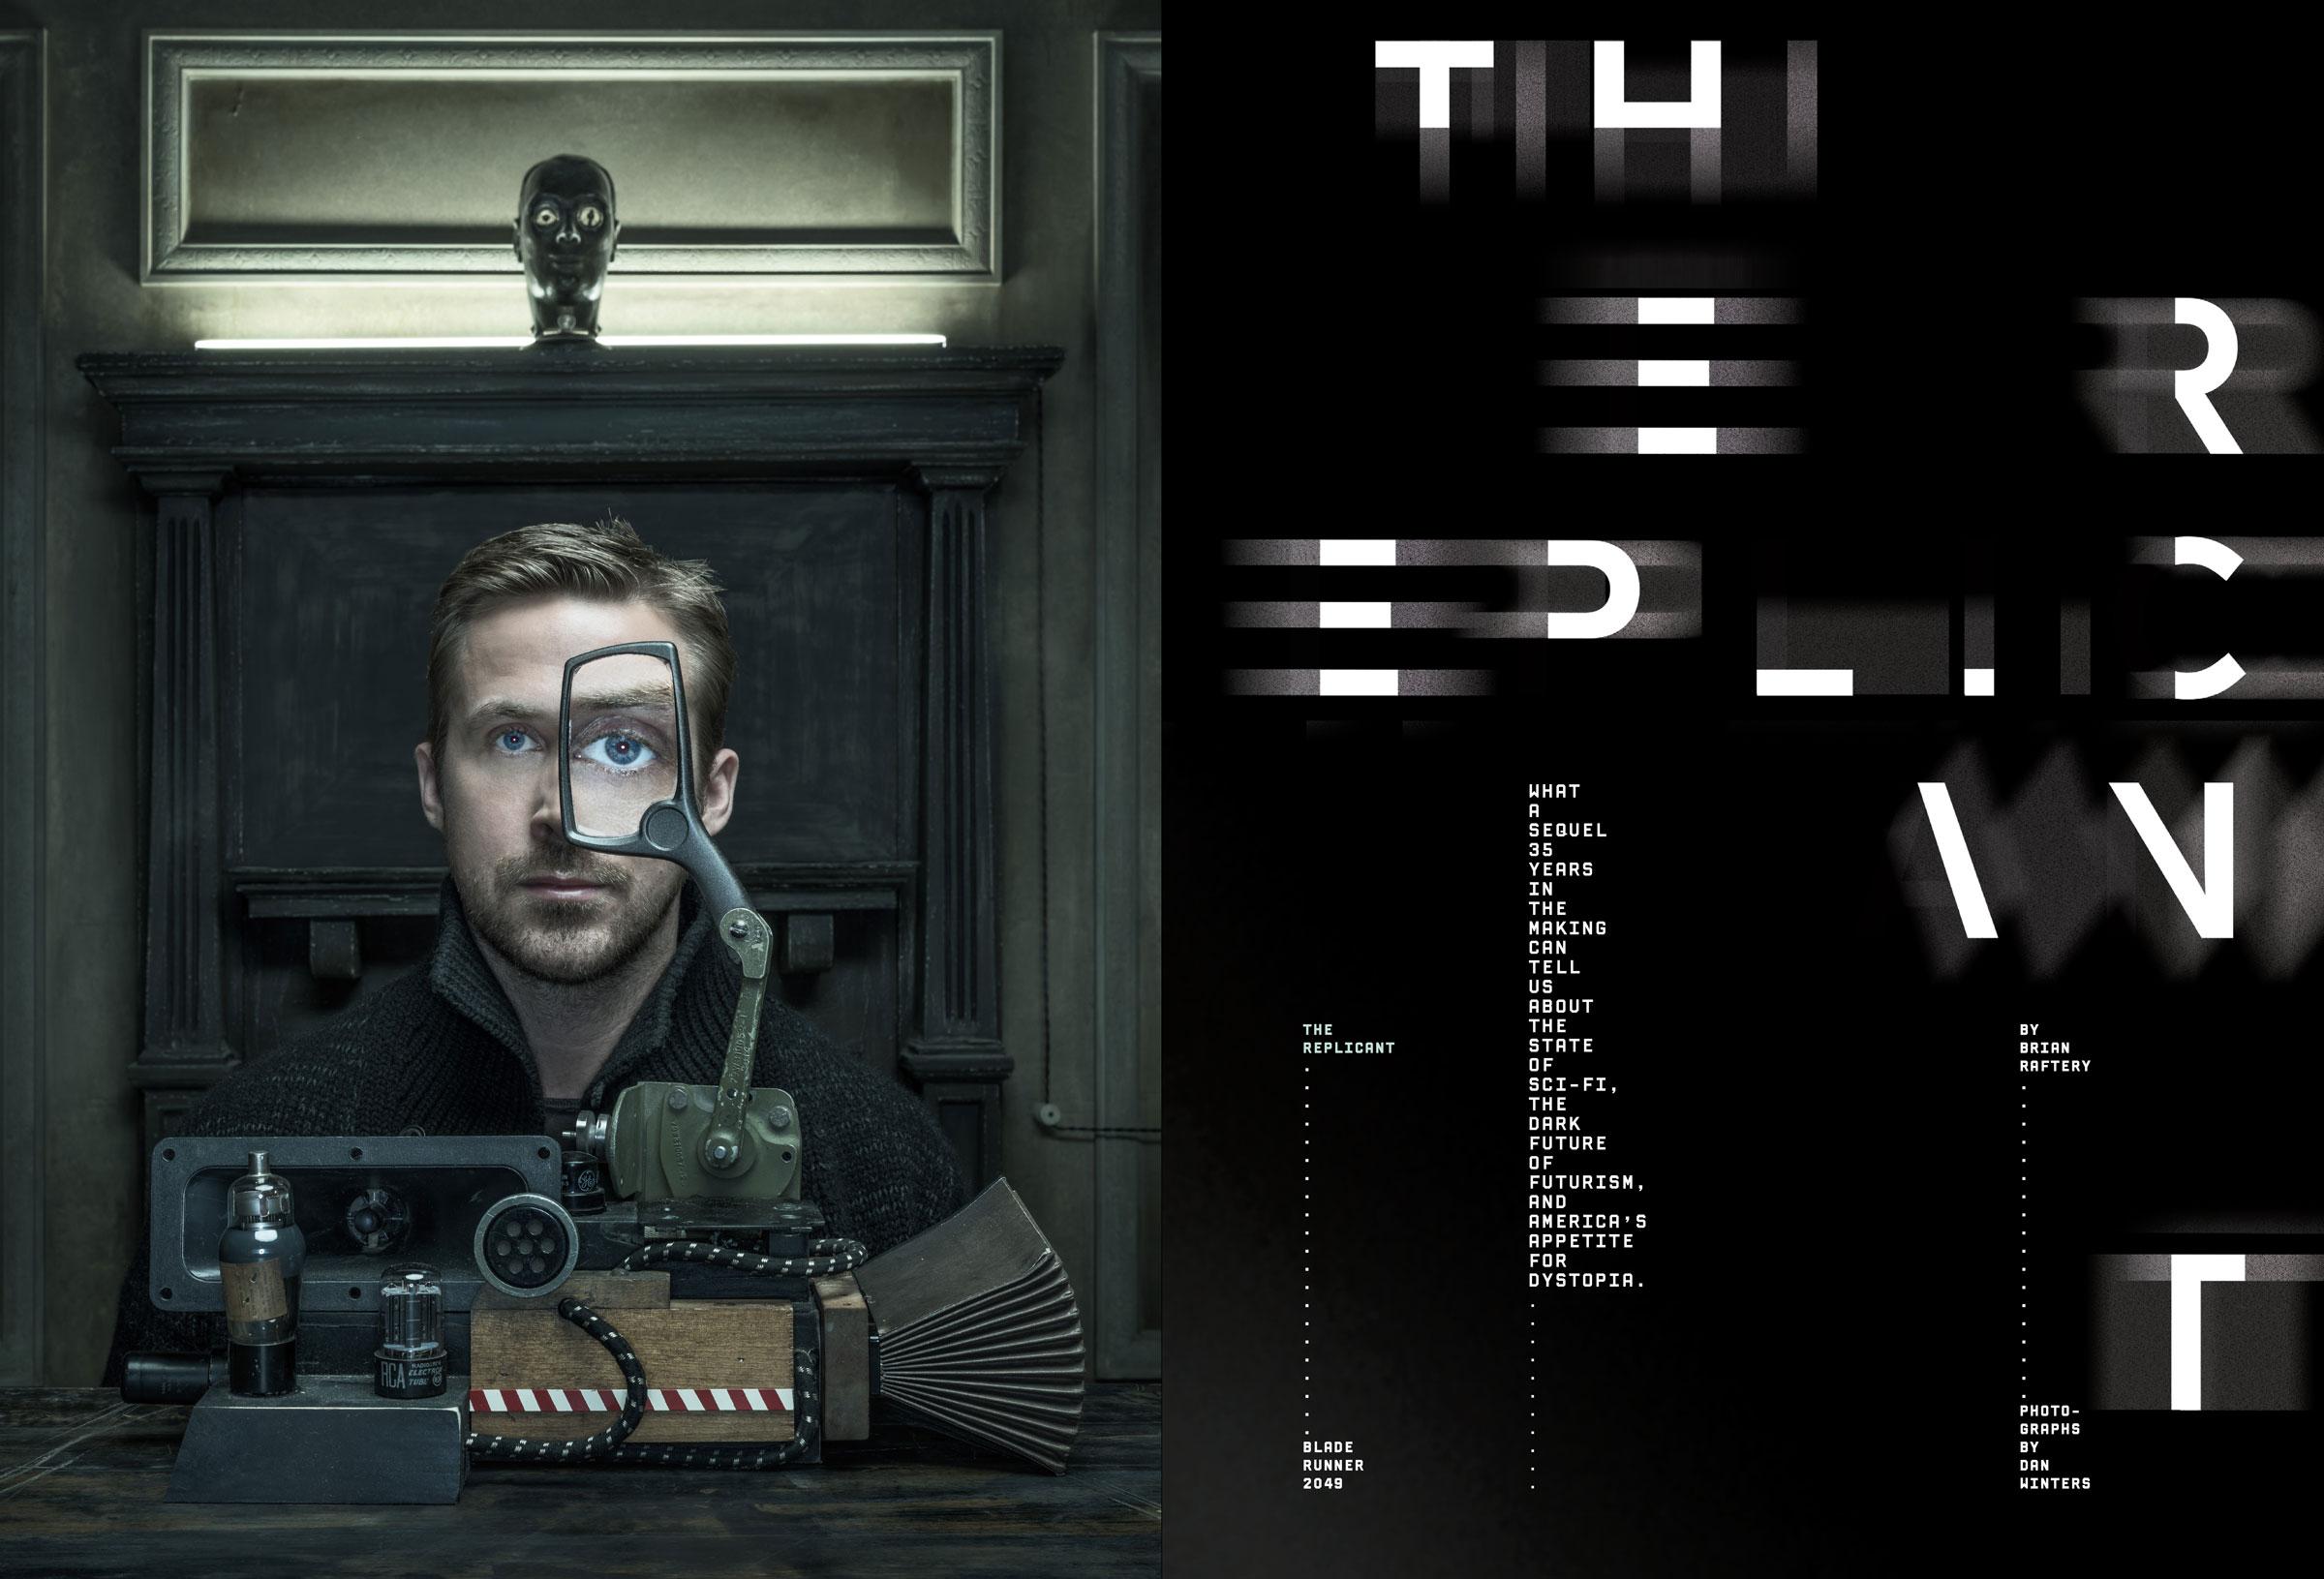 Blade_Runner_Dan_Winters